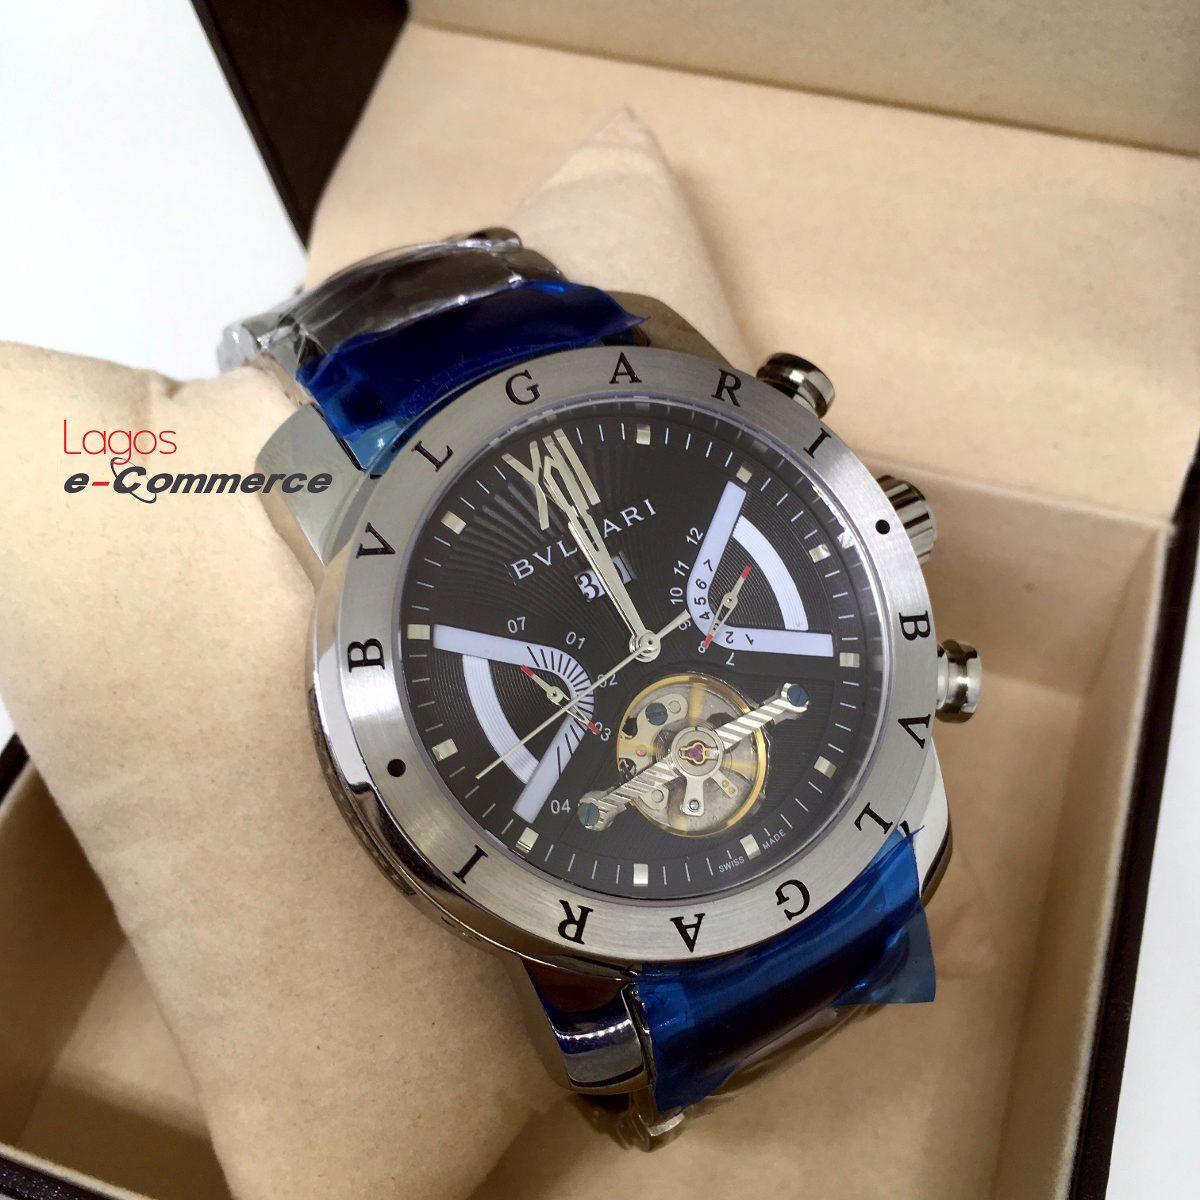 2dbfb1f40e8 relógio bulgari iron man aço automático produto original r. Carregando zoom.